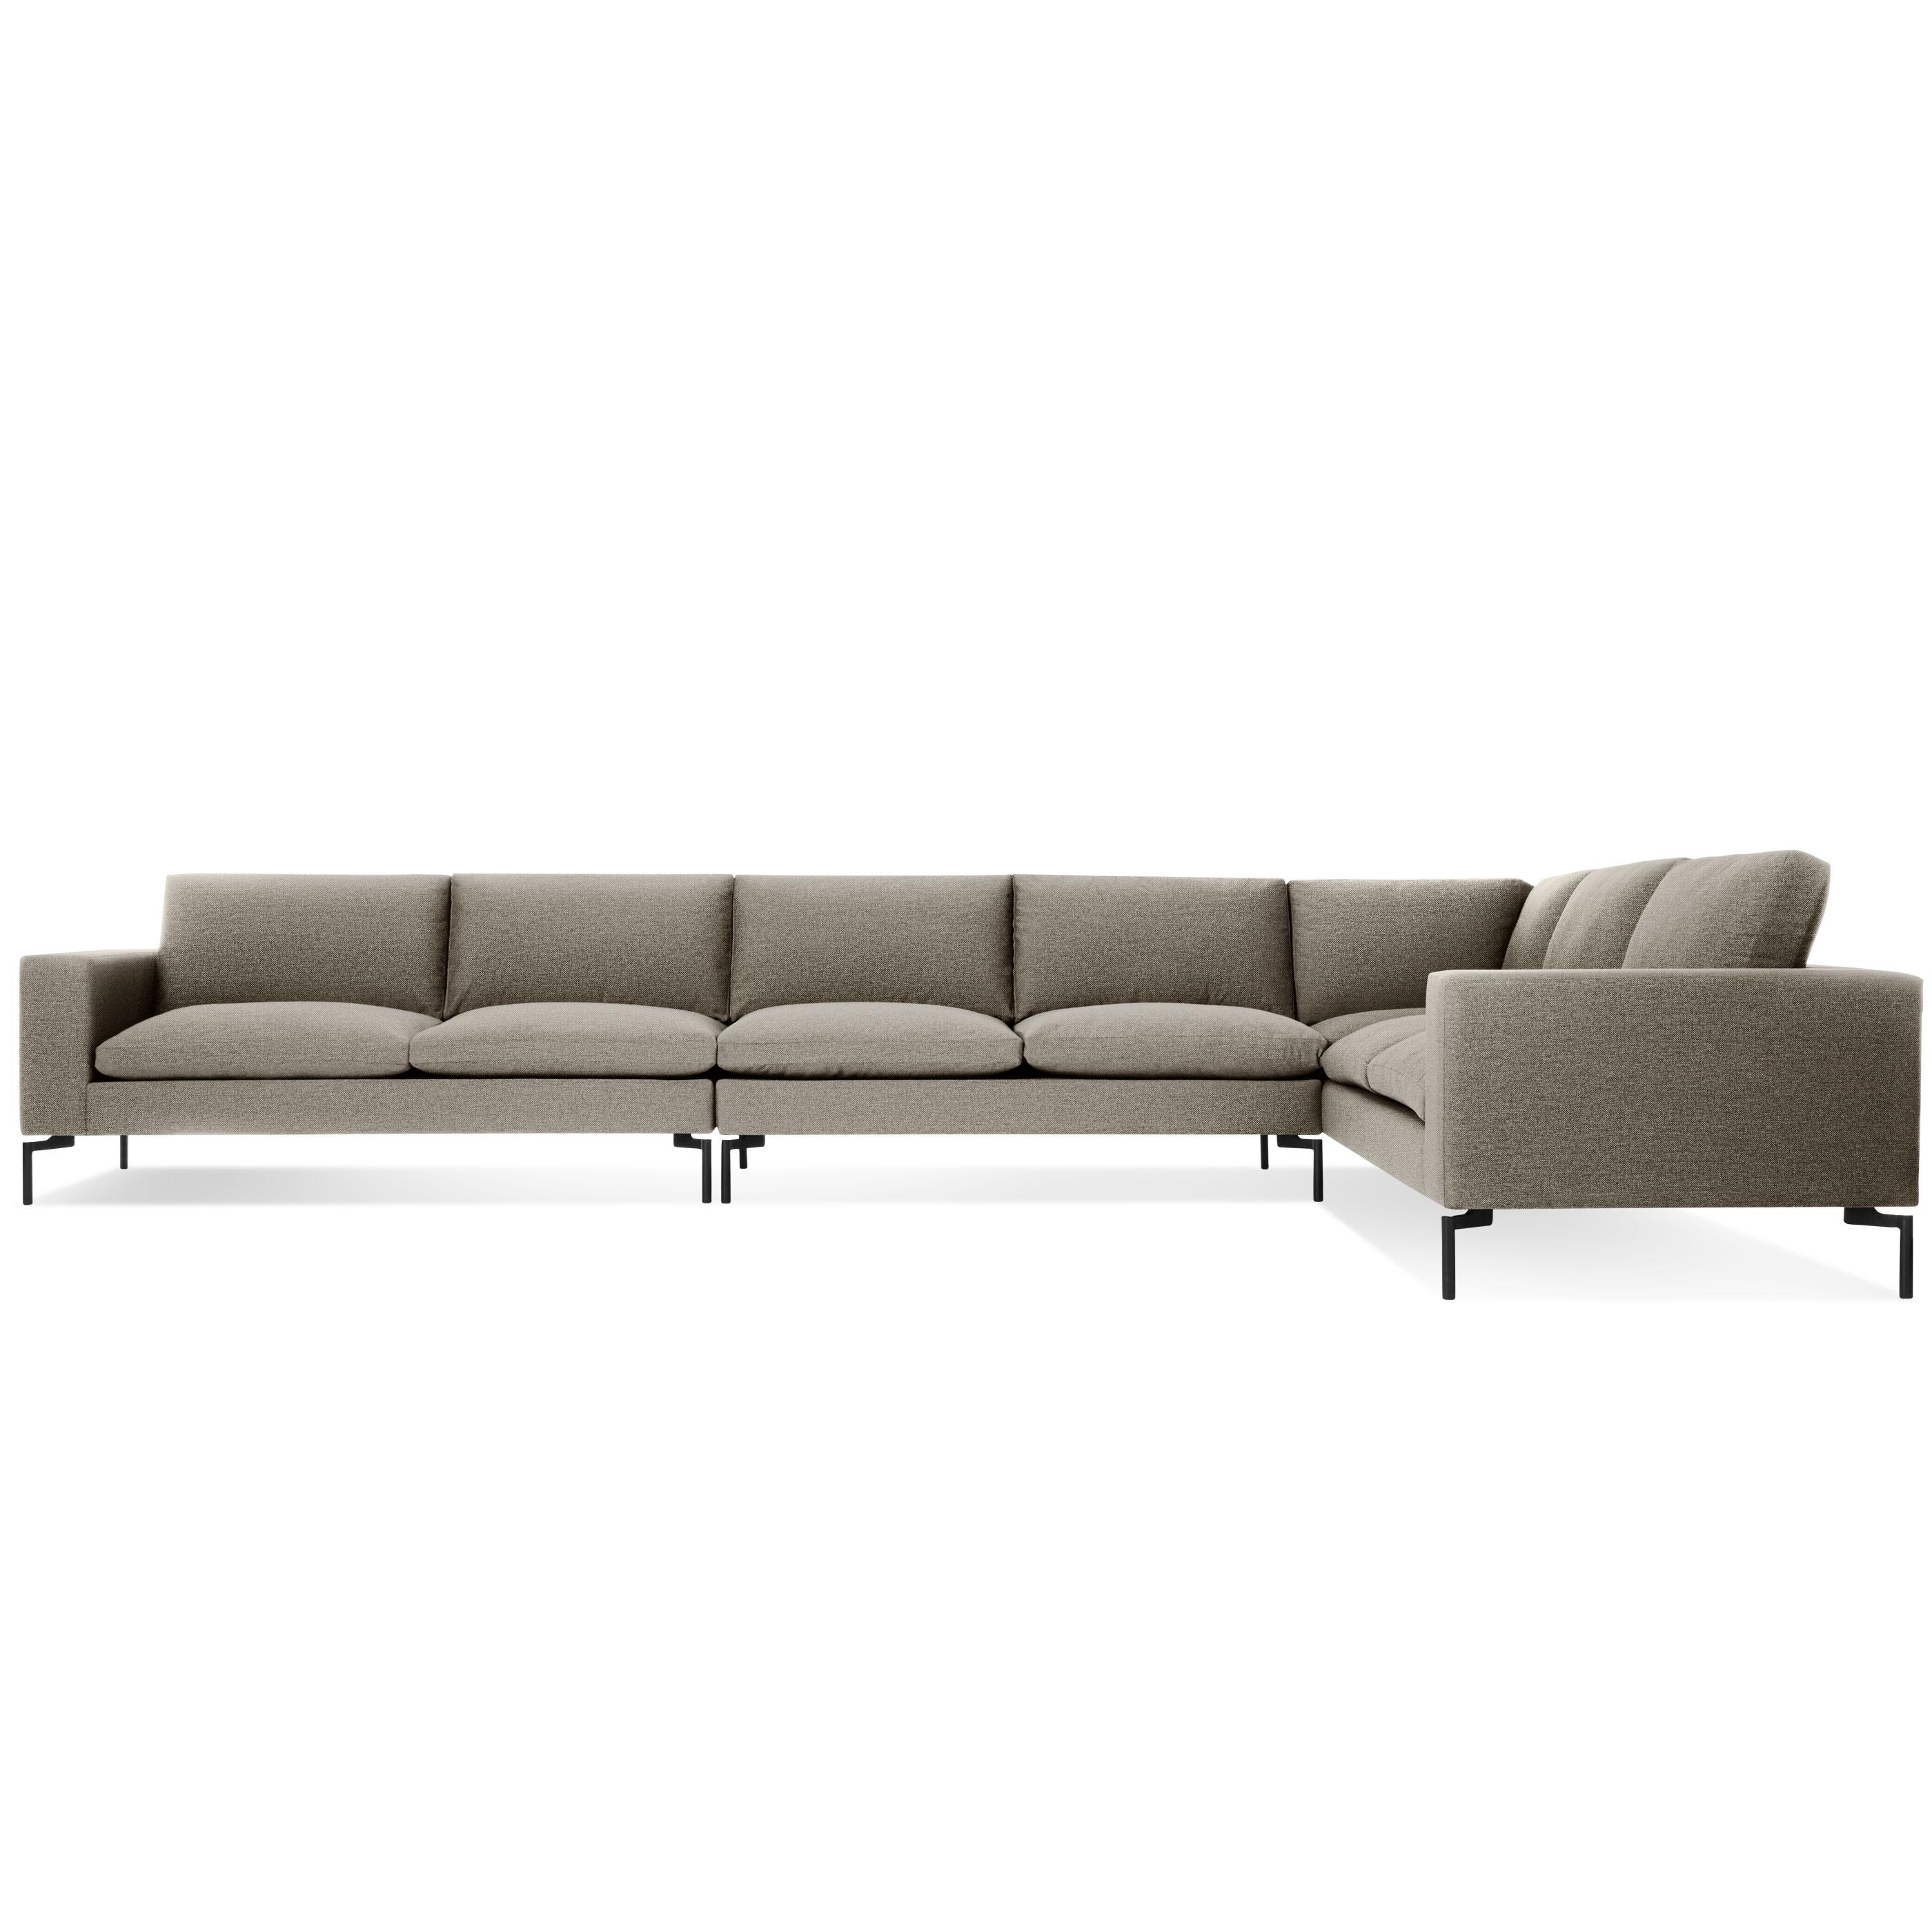 Nova Scotia Sectional Sofas Pertaining To Newest New Standard Large Sectional Sofa – Large Sofas (View 9 of 15)